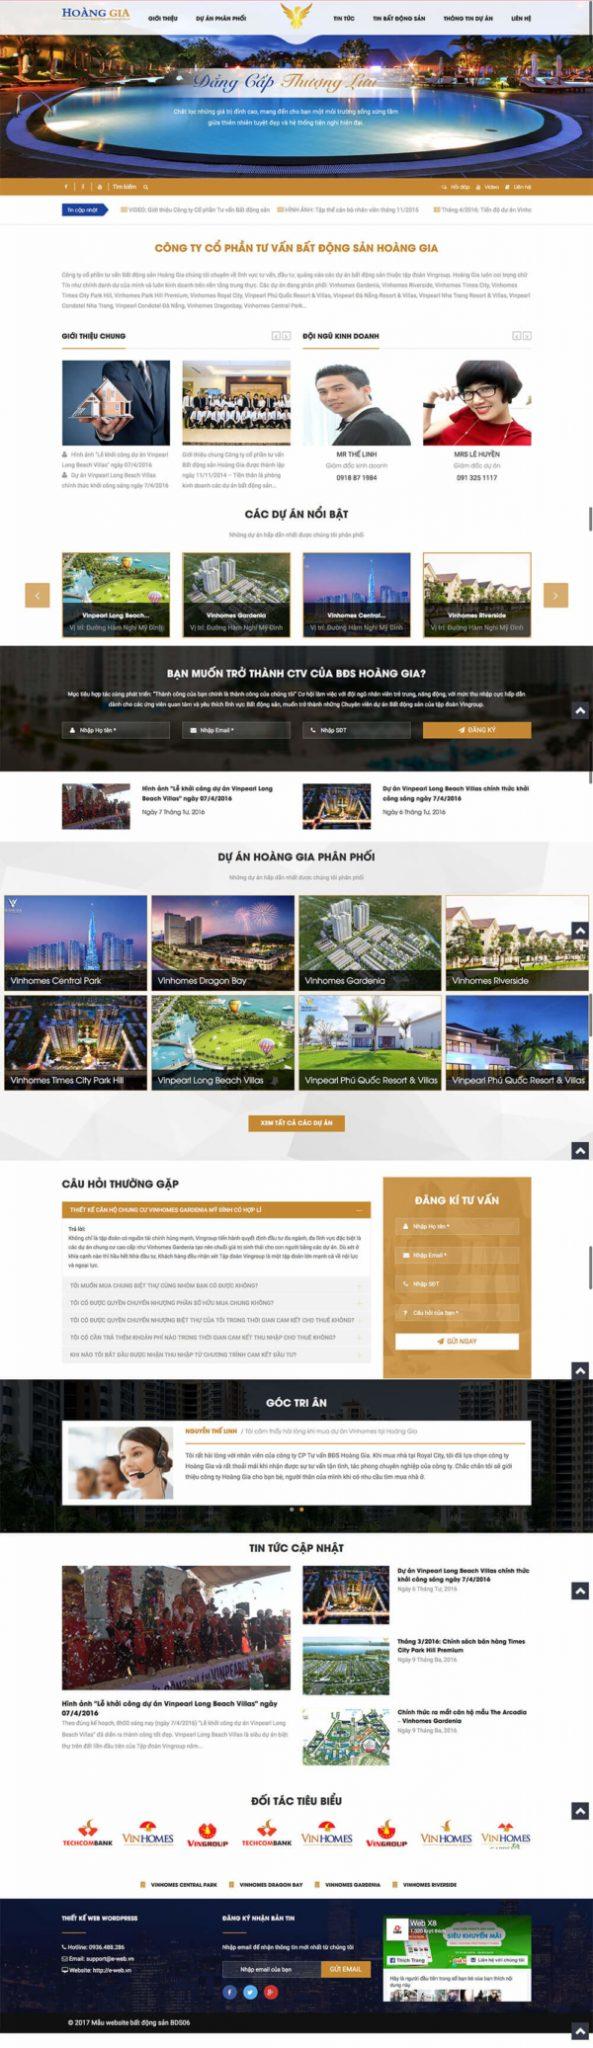 Mẫu website bất động sản Hoàng Gia